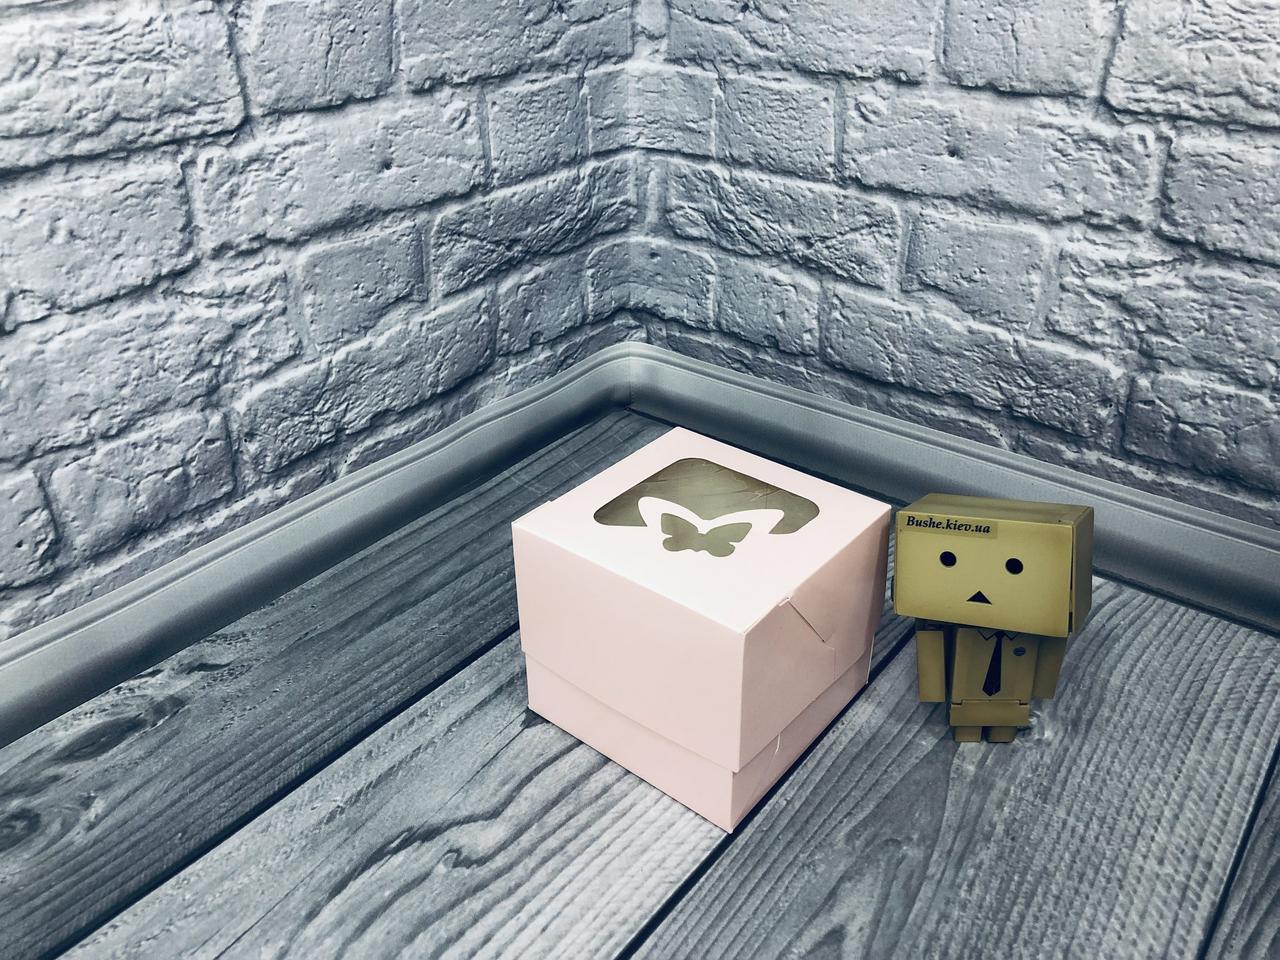 *10 шт* / Коробка для 1-ого кекса / 100х100х90 мм / печать-Пудр / окно-бабочка / лк